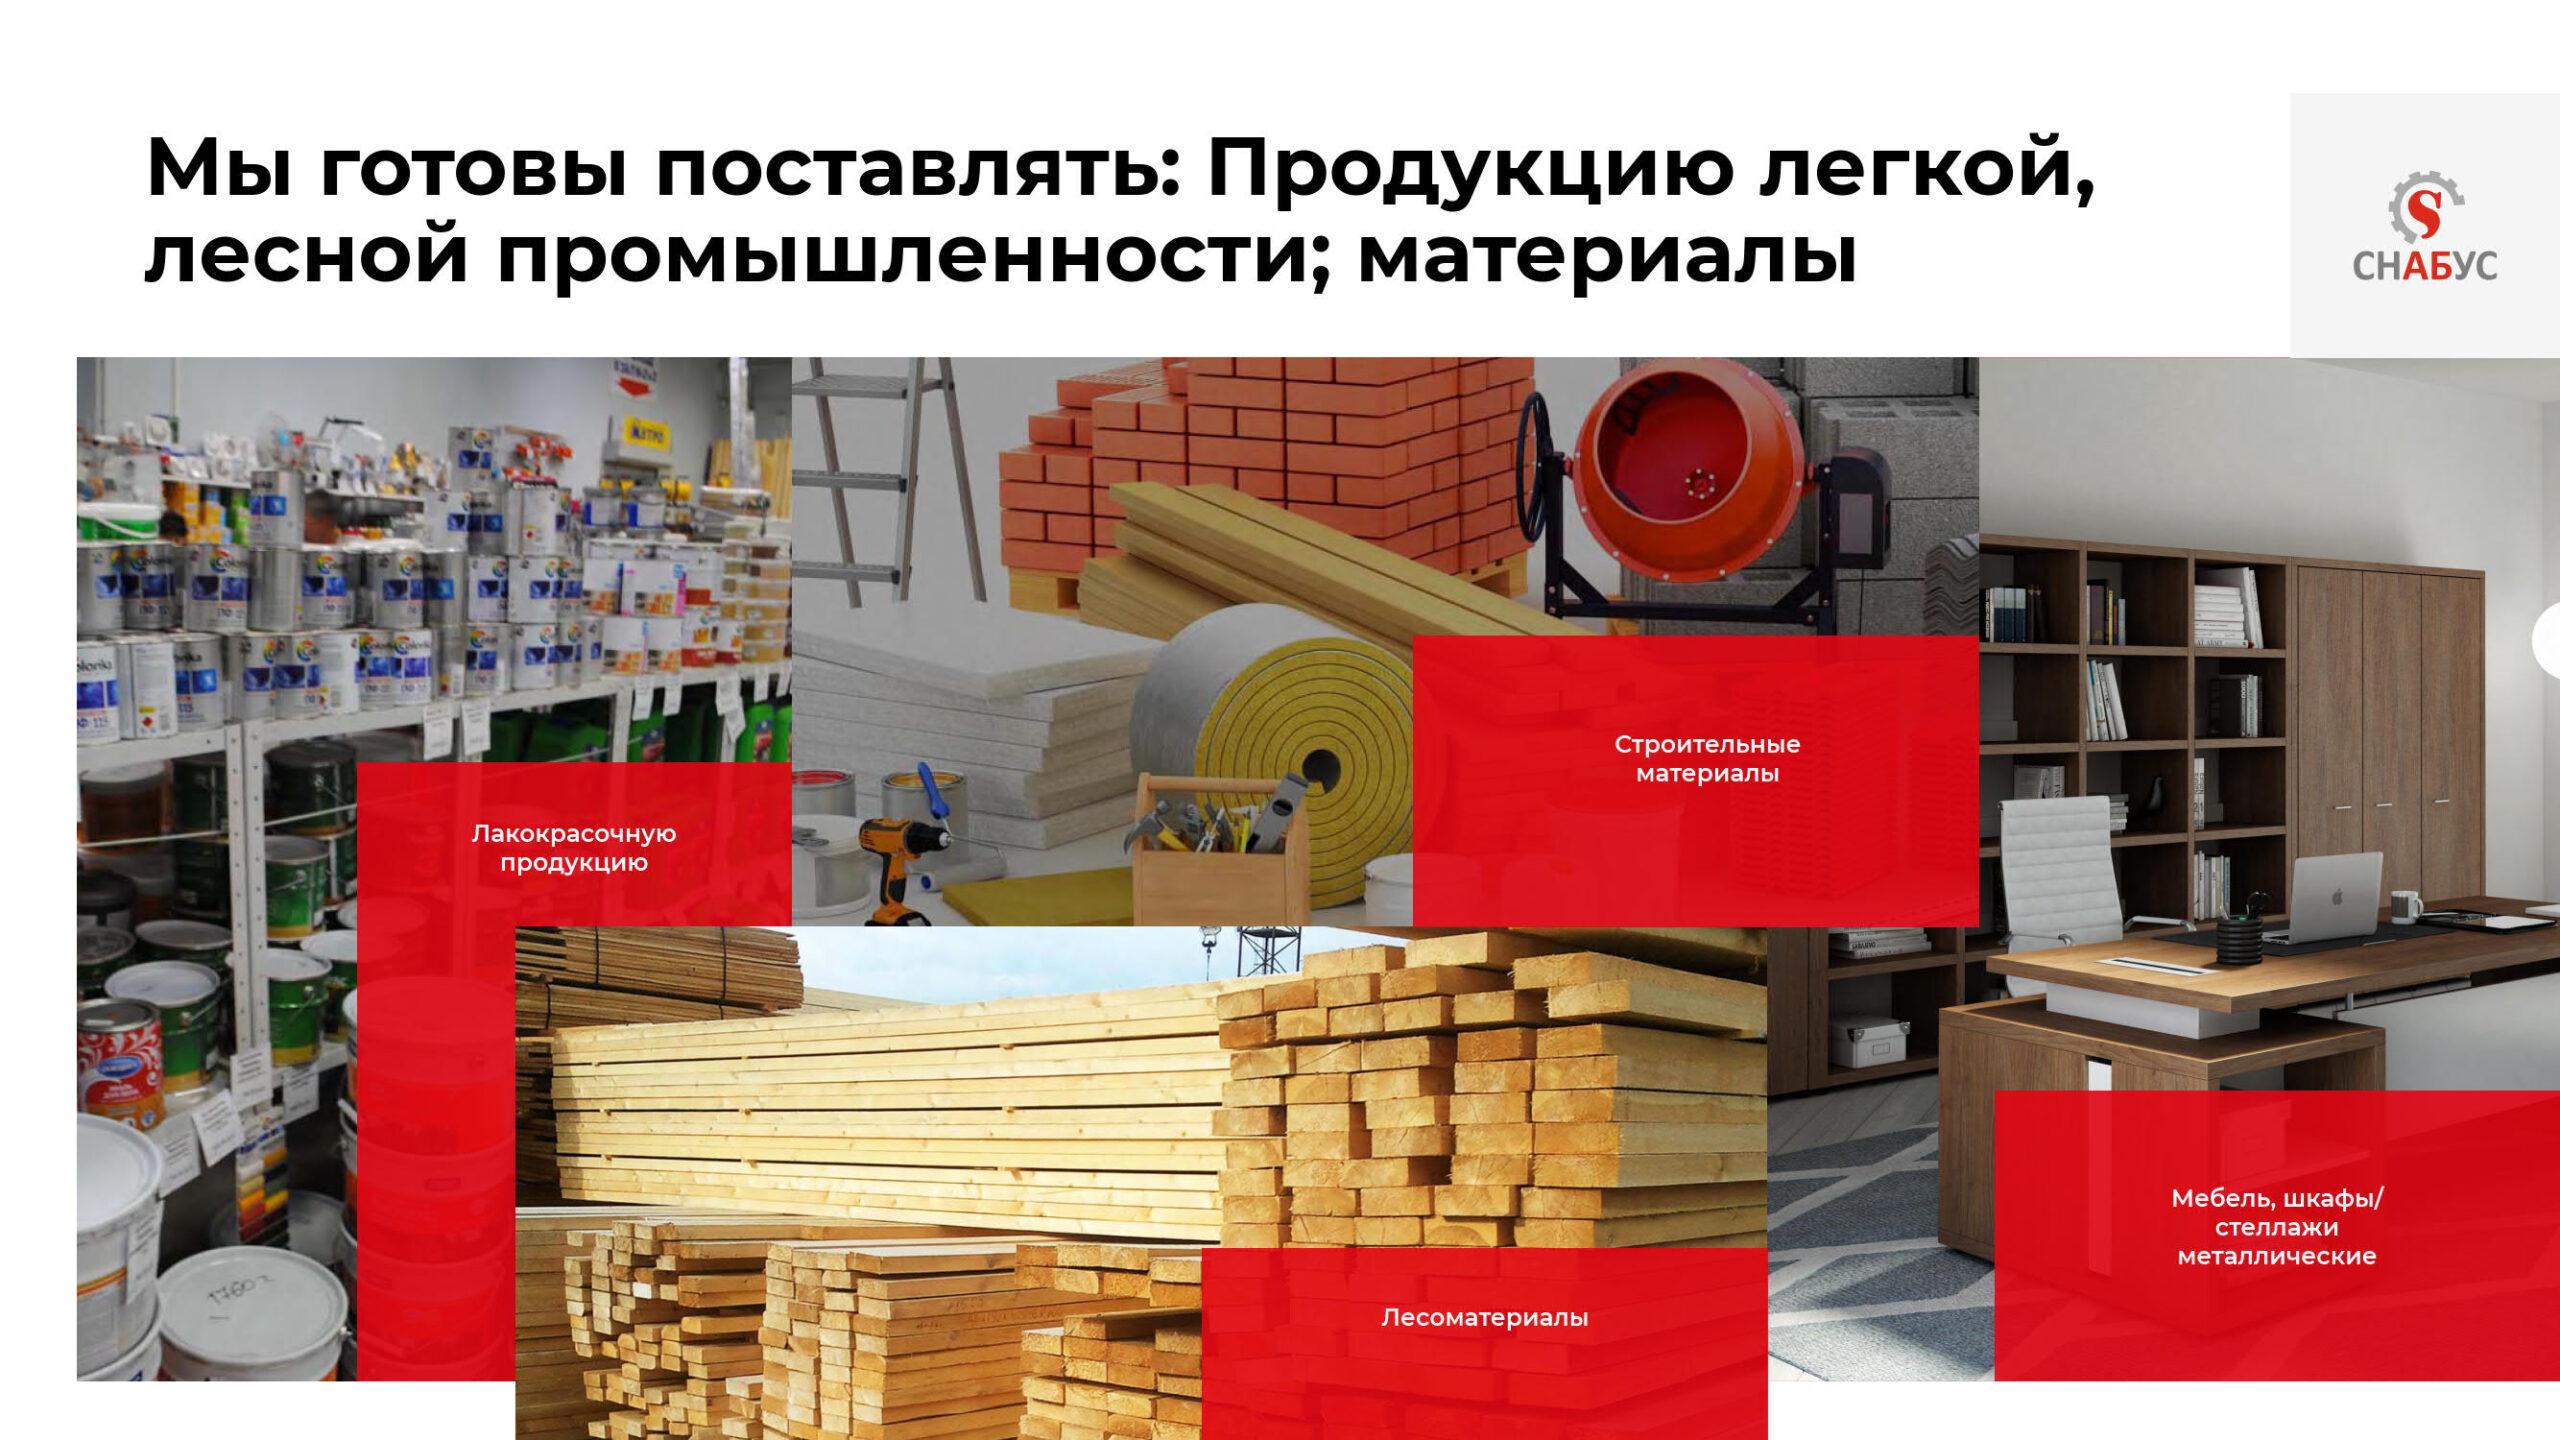 prezentacziya-optovoj-torgovoj-kompanii-postavka-legkoj-lesnoj-materialy